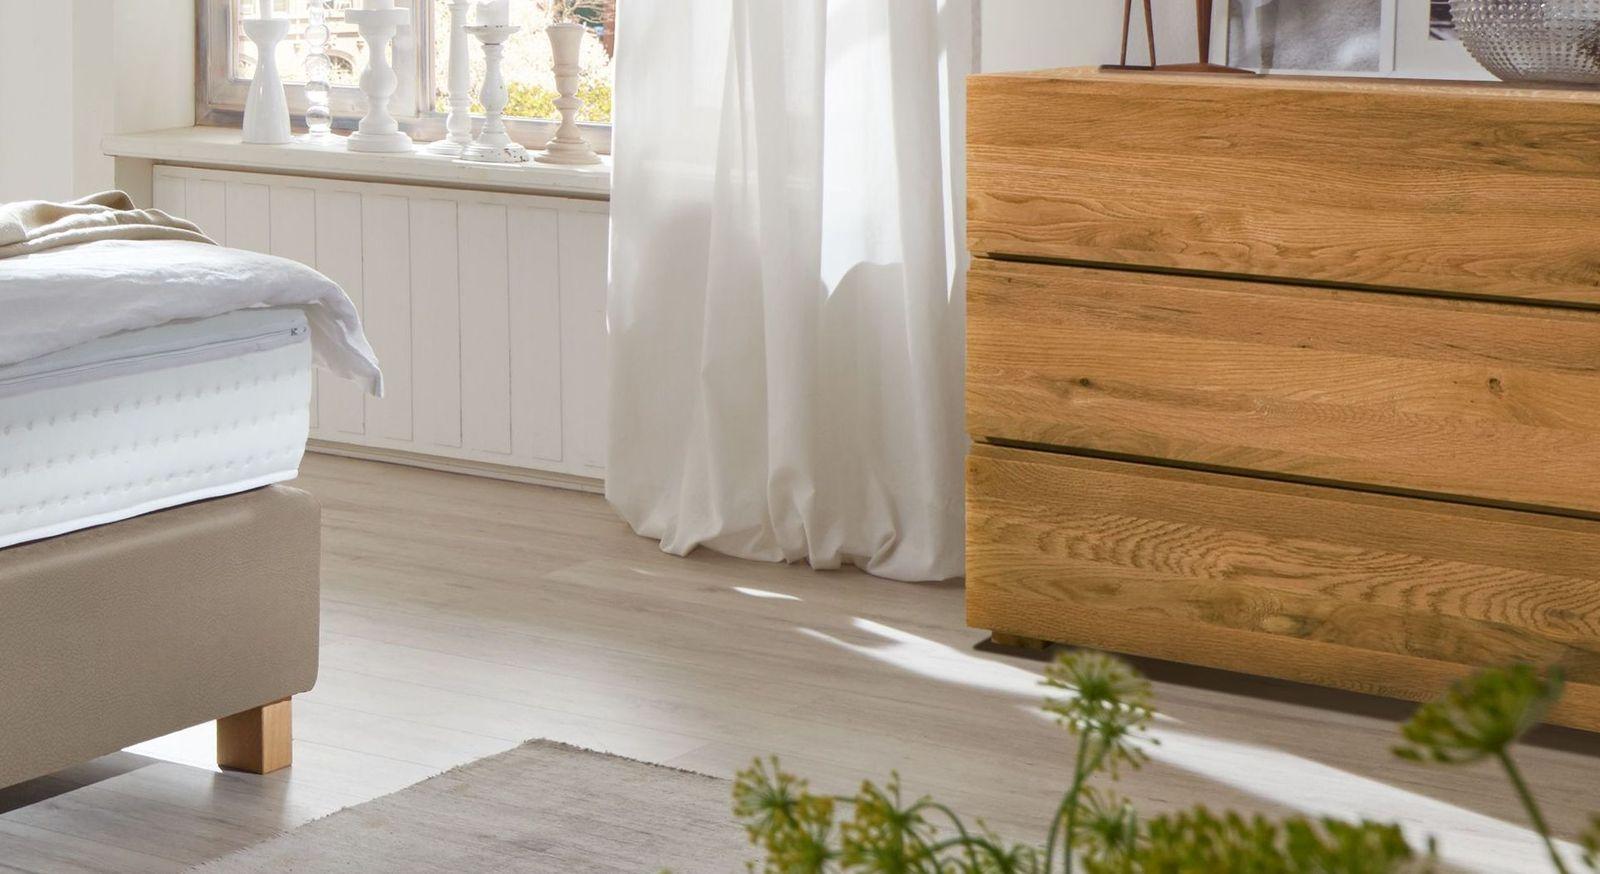 echtholz cool echtholz umleimer ohne sk amerik kirschbaum. Black Bedroom Furniture Sets. Home Design Ideas